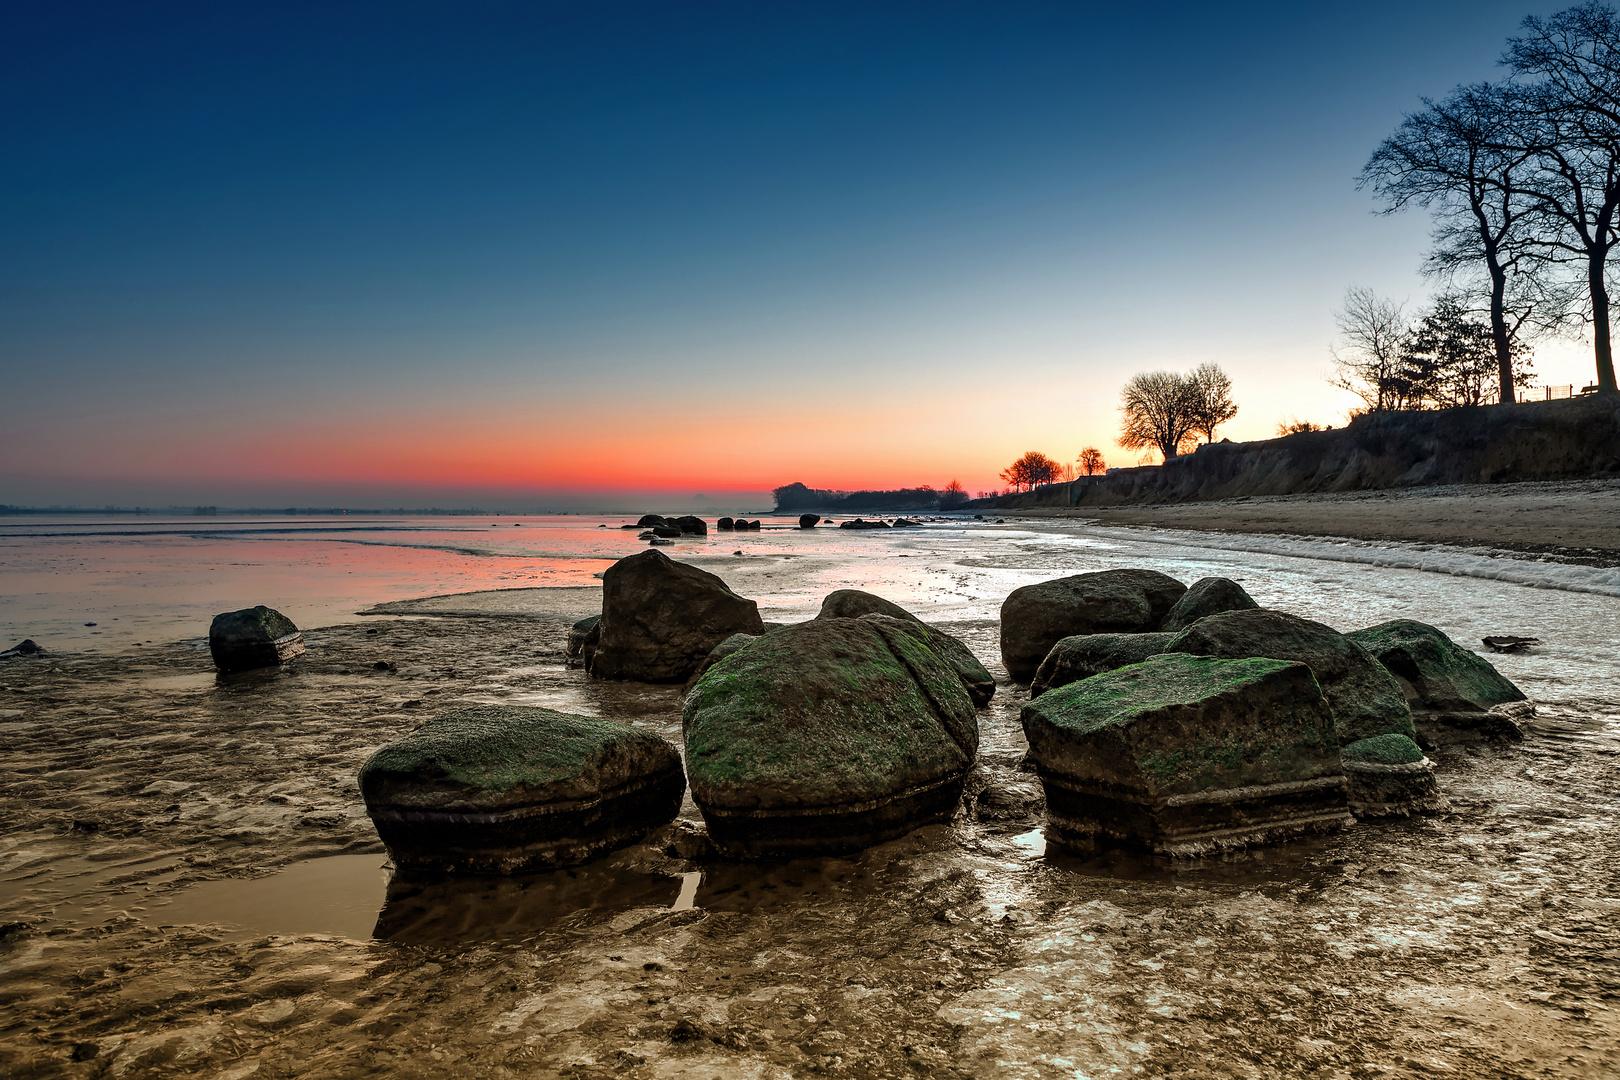 Am Strand von Zierow 002